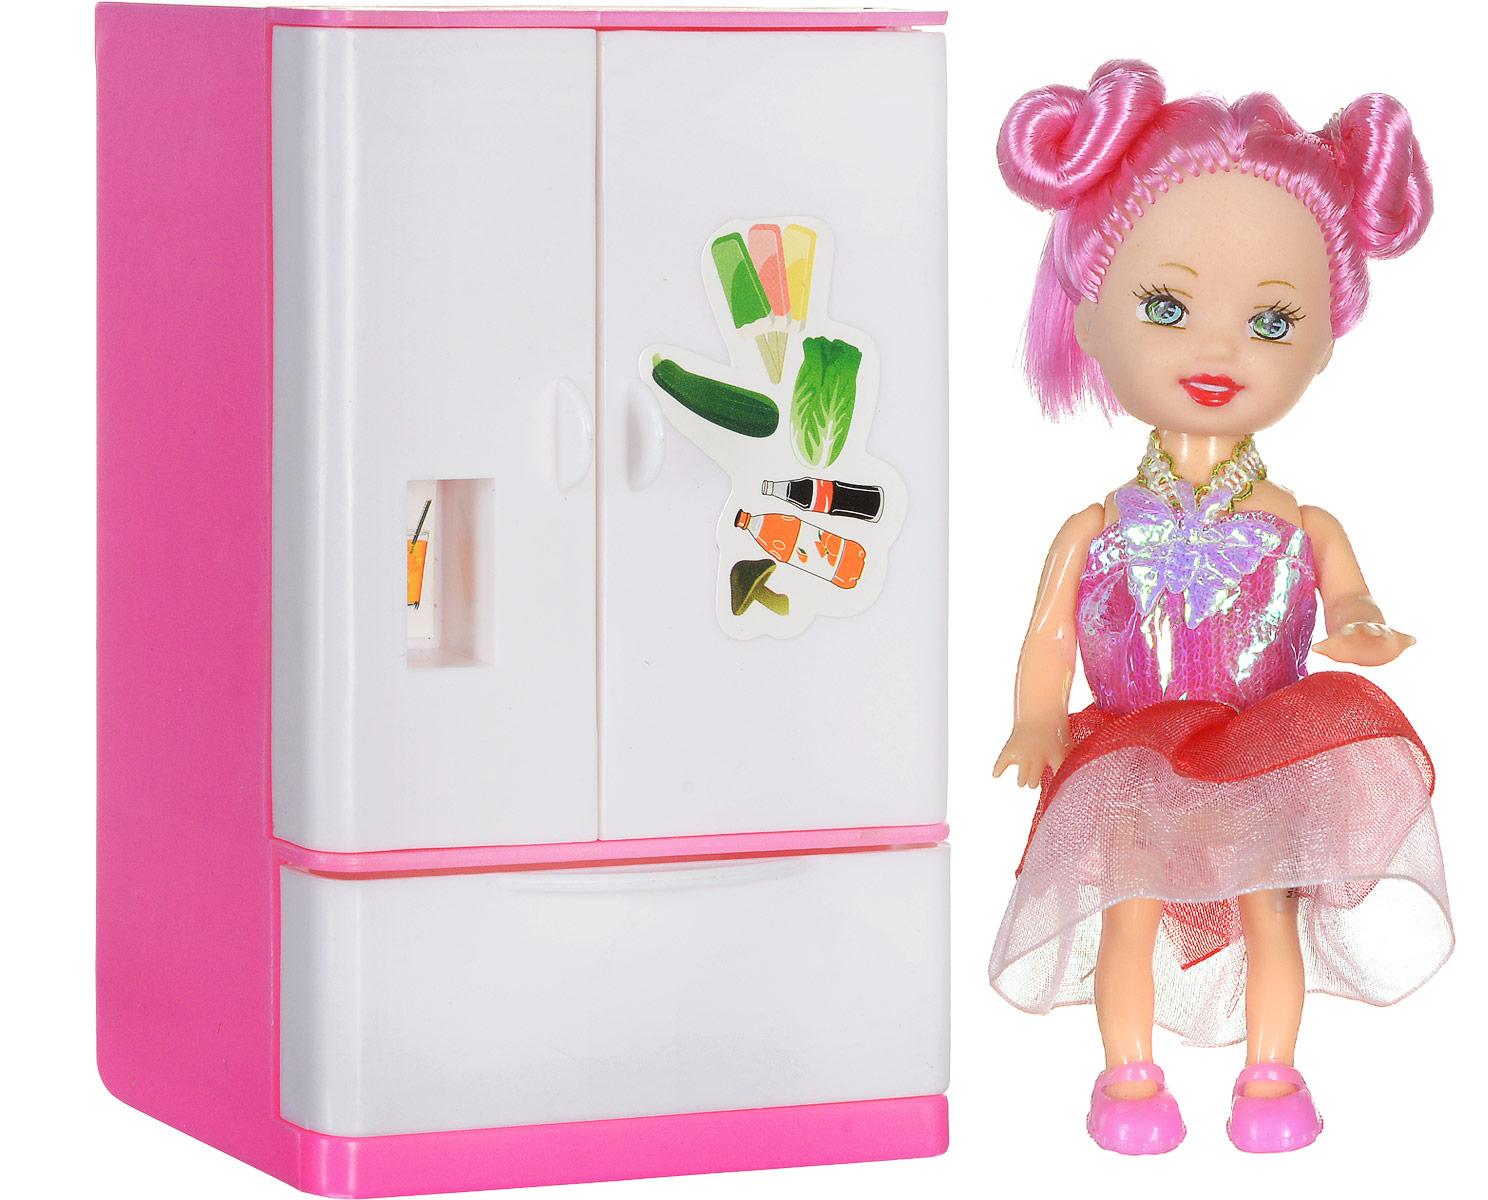 Shantou Мини-кукла Bettina с холодильникомL091-H43654_холодильникМини-кукла Shantou Bettina - очаровательная малышка-подружка для вашей дочурки. Кукла одета в блестящее платье, на ногах у нее розовые туфельки. Длинные волосы куклы розового цвета можно расчесывать и заплетать из них различные прически. Руки, ноги и голова куклы подвижные. В наборе с куклой имеется холодильник, дверцы которого открываются. Игры с куклой способствуют эмоциональному развитию ребенка, а также помогают формировать воображение и художественный вкус. Порадуйте свою малышку таким великолепным подарком!